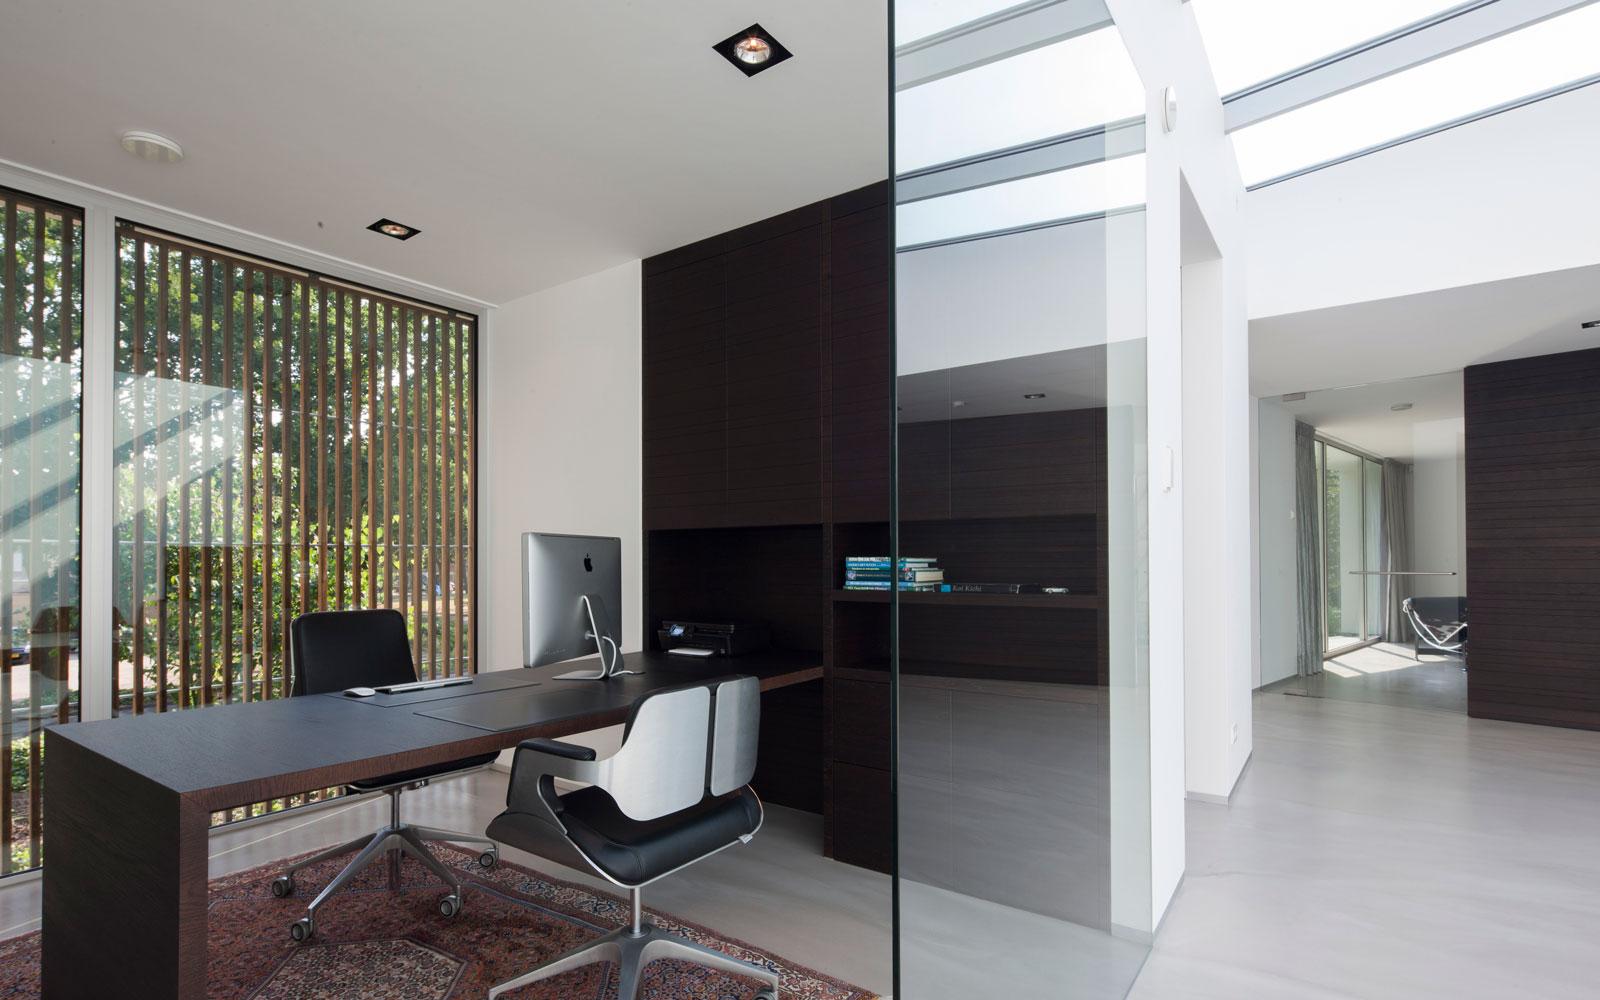 Kantoor, werkplek, home office, glazen wand, zwevende villa, lab32 architecten